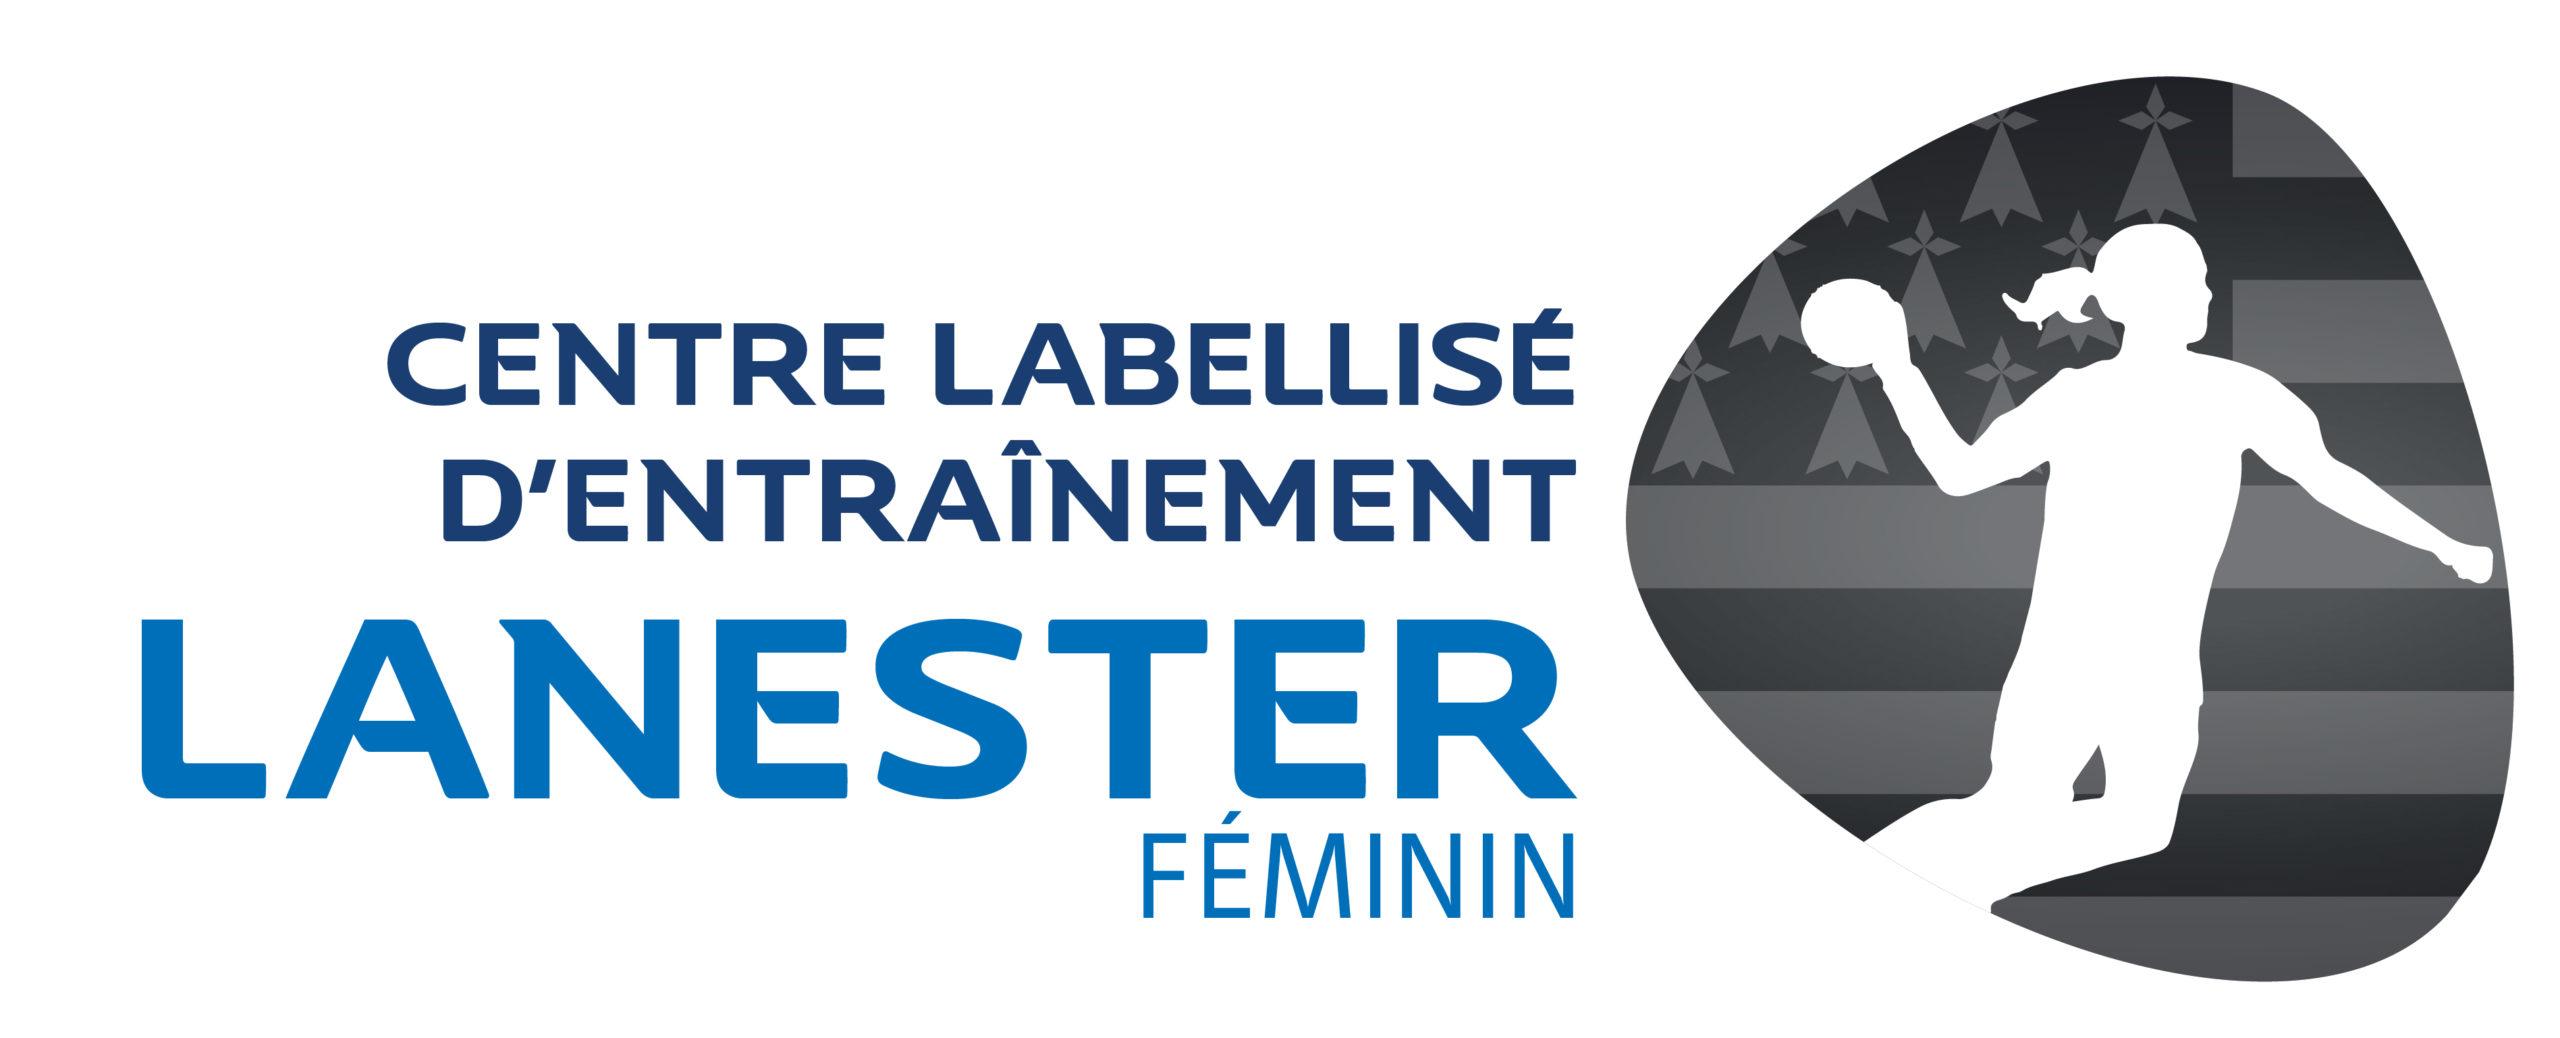 CLE_FEMININ_LANESTER_RVB-01